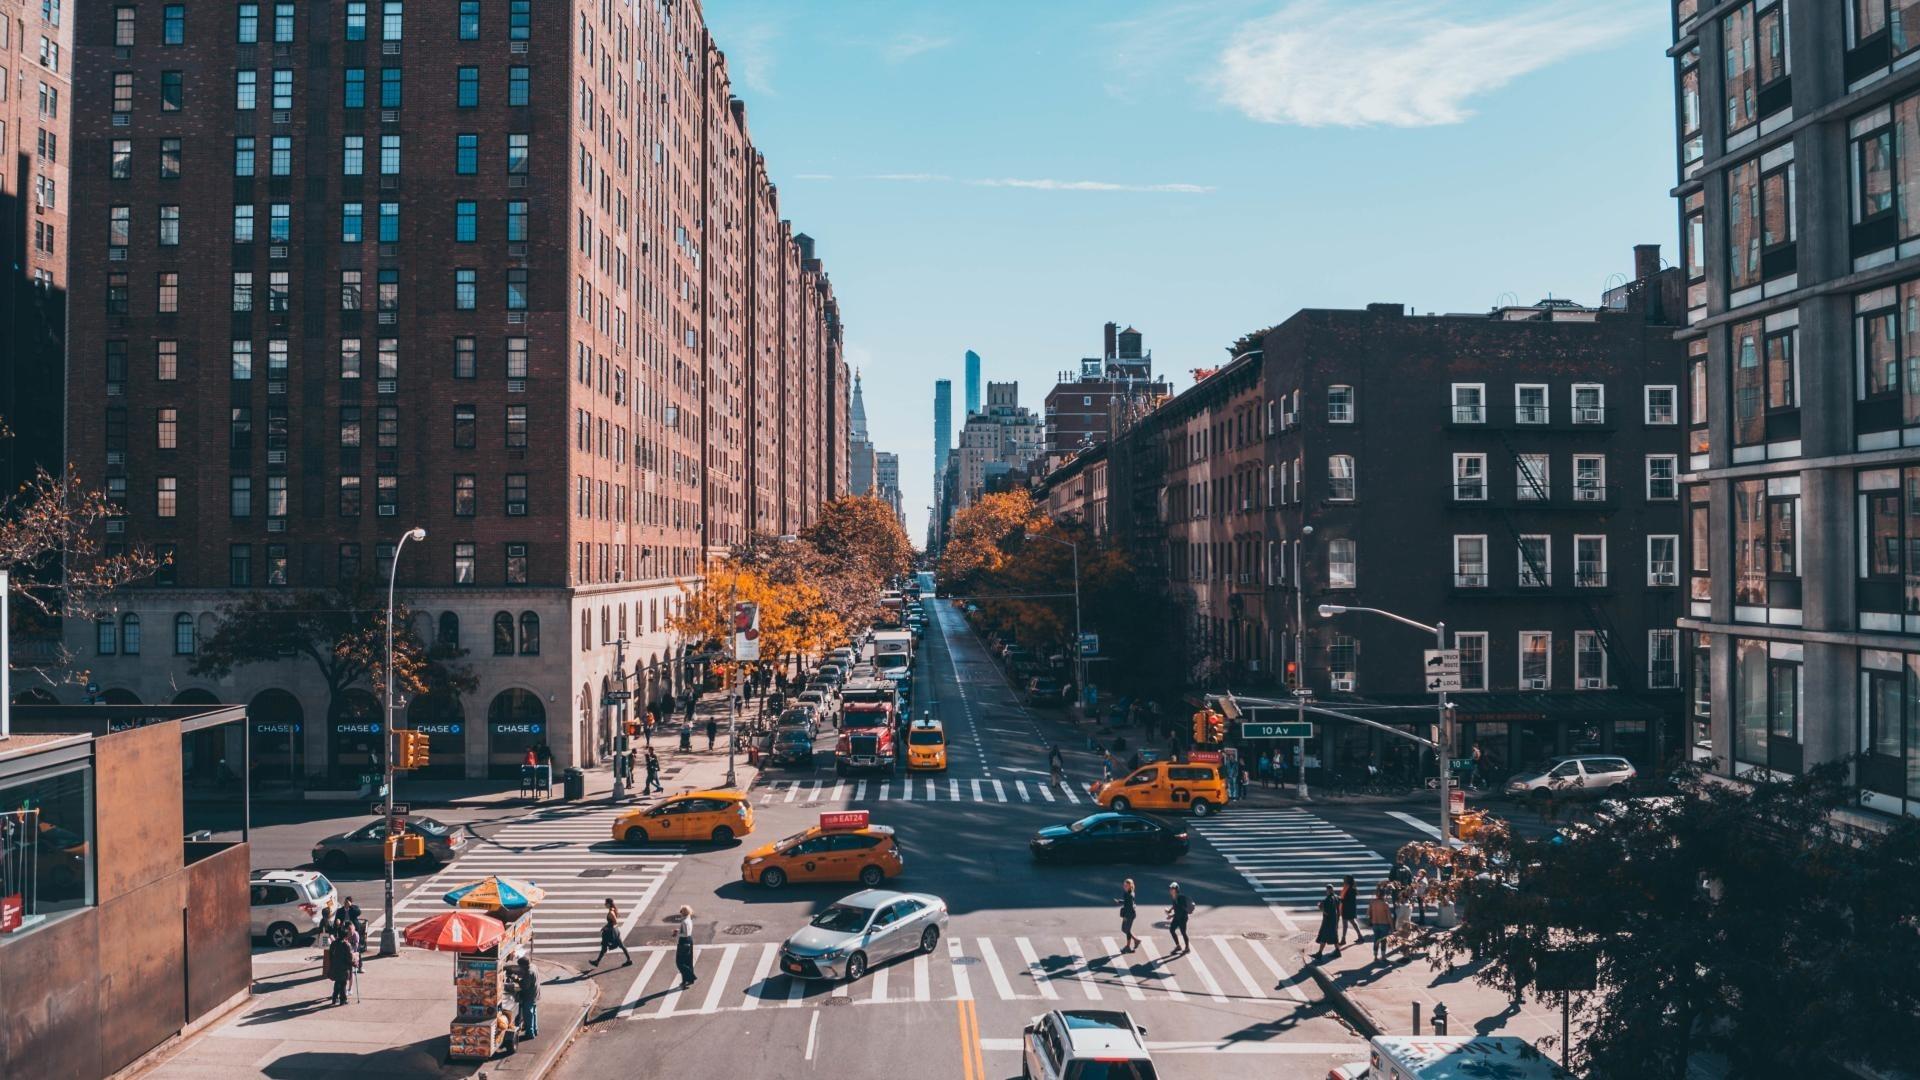 New York Street computer wallpaper